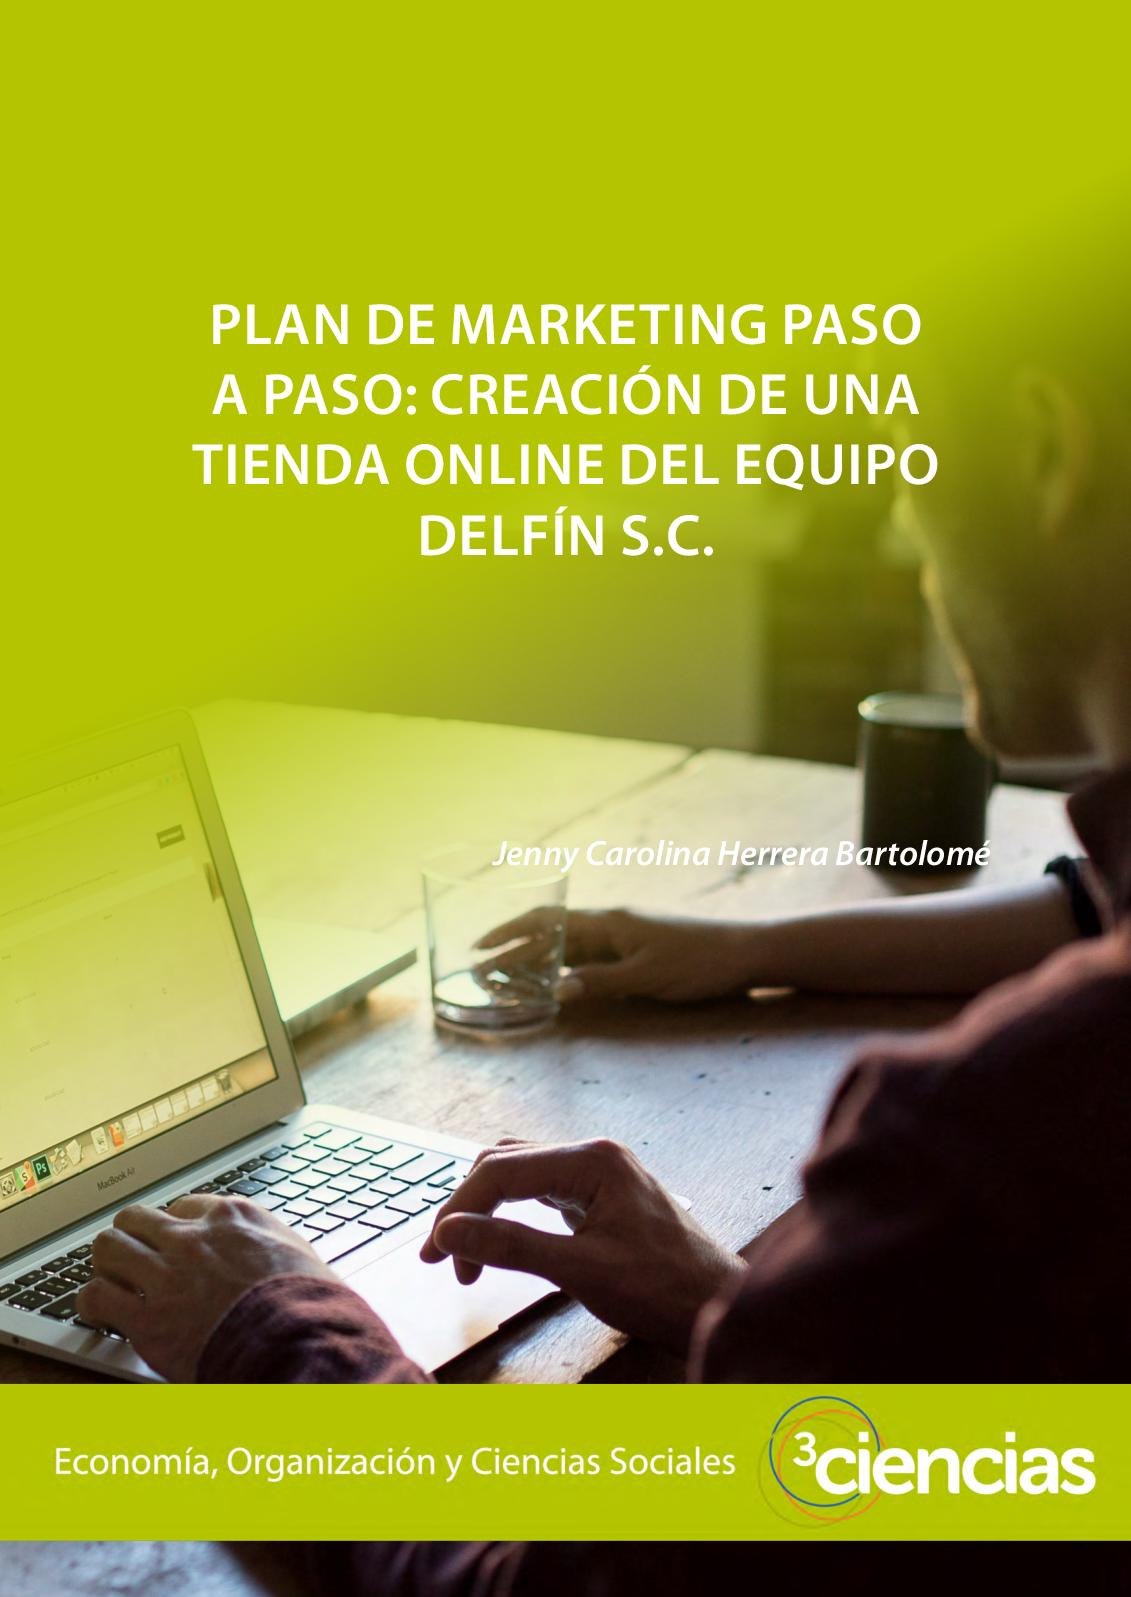 Plan De Marketing Paso A Paso: Creación De Una Tienda Online Del Equipo Delfín S C